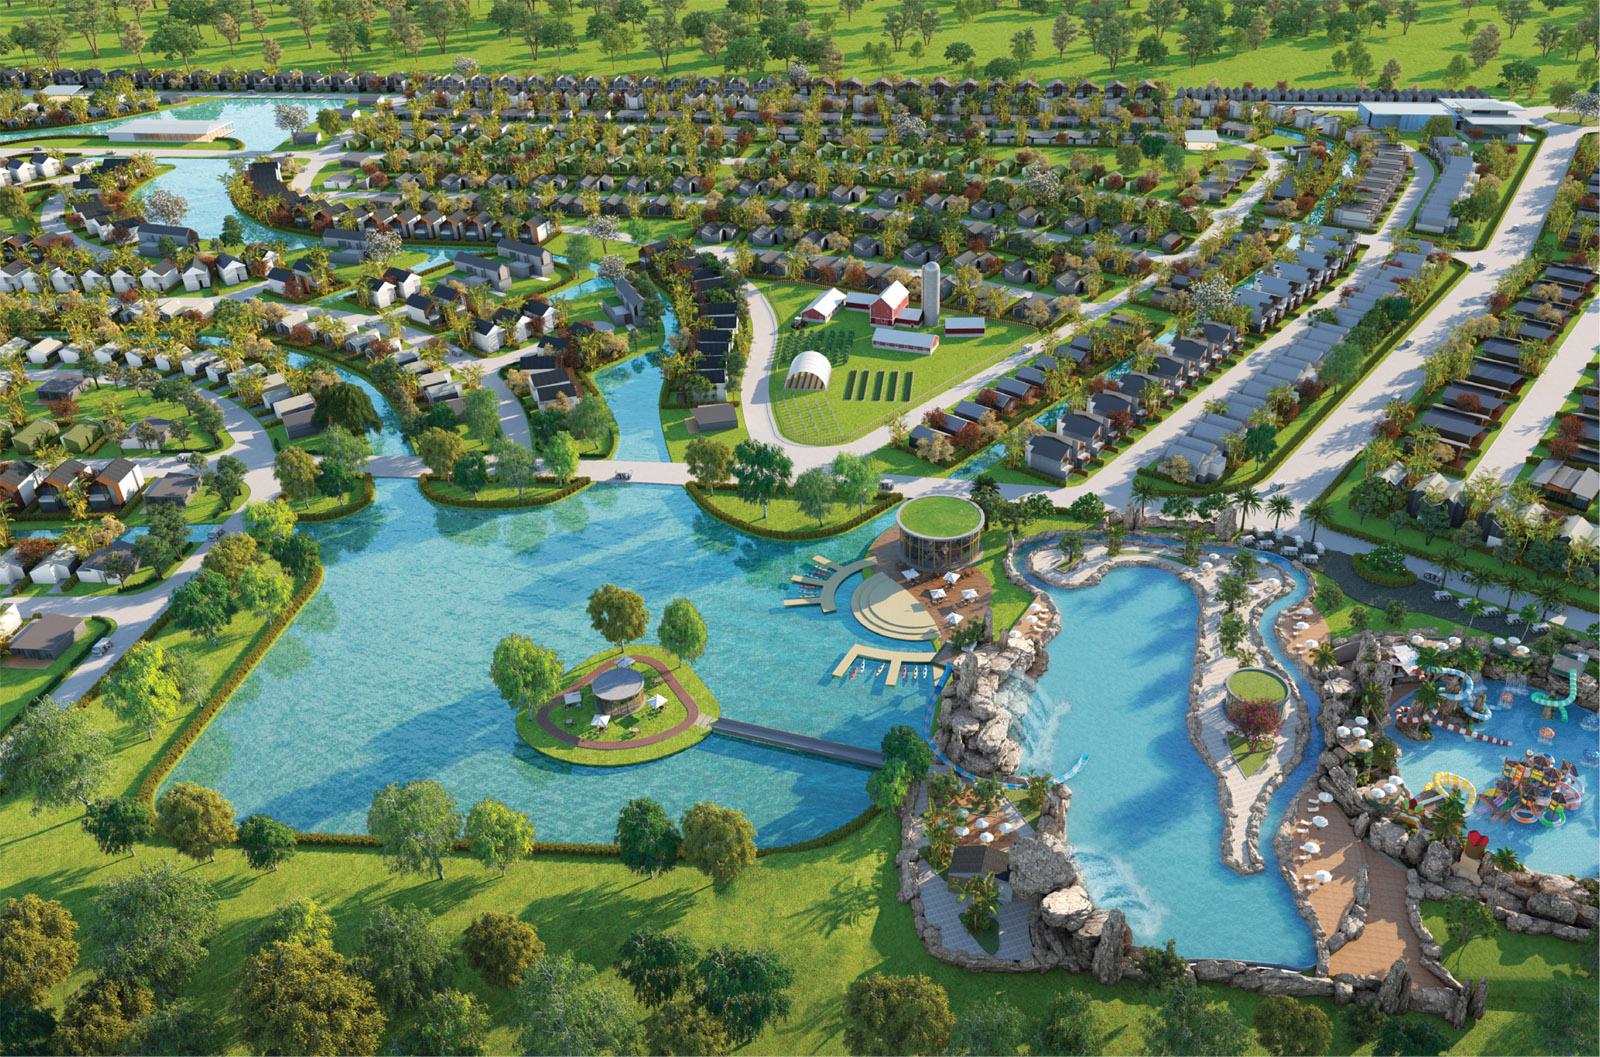 Novaworld Hồ Tràm đón sóng lớn từ thị trường bđs Bình Châu